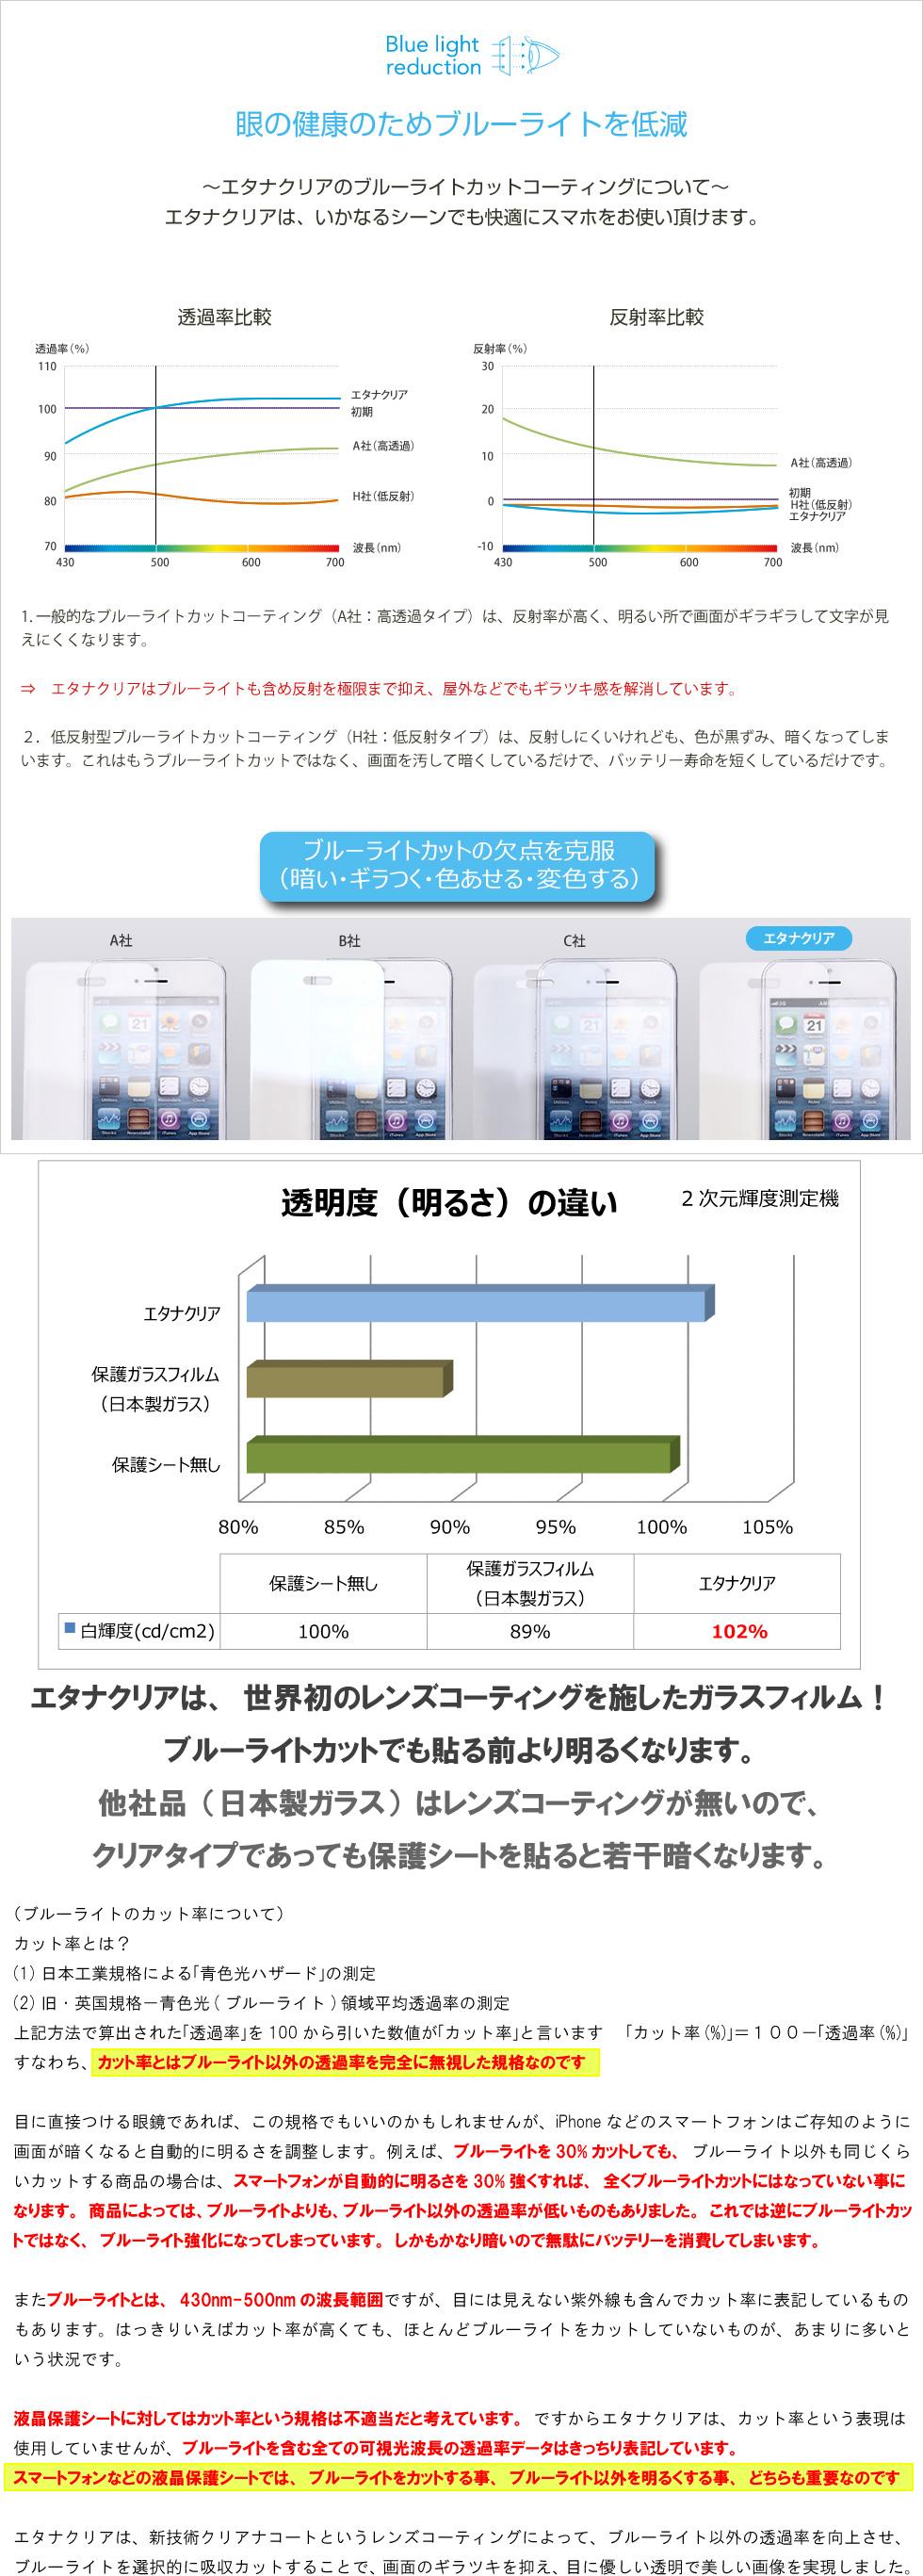 380nmからのカット率を表記している商品がありますが、どのスマートフォンでも430nm未満の波長は発光していません。 iPhoneなどの液晶画面では450nmのブルーライトが極端に強くブルーライトによるさまざまな悪影響が問題視されています。